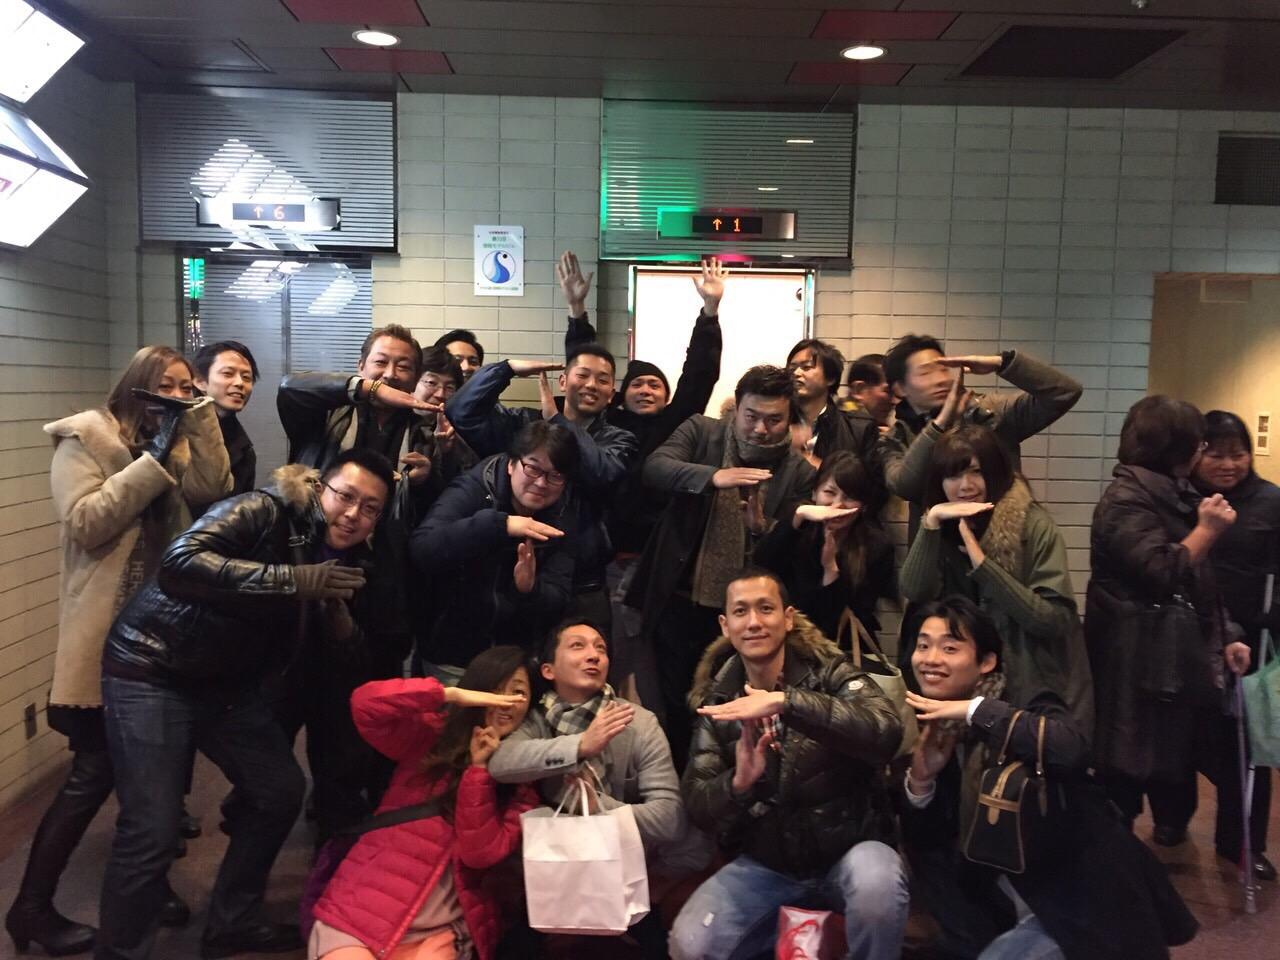 11月30日水曜日のひとログ(。・ω・。) 植東さん卒業!!!今までありがとうございました!_b0127002_17164025.jpg